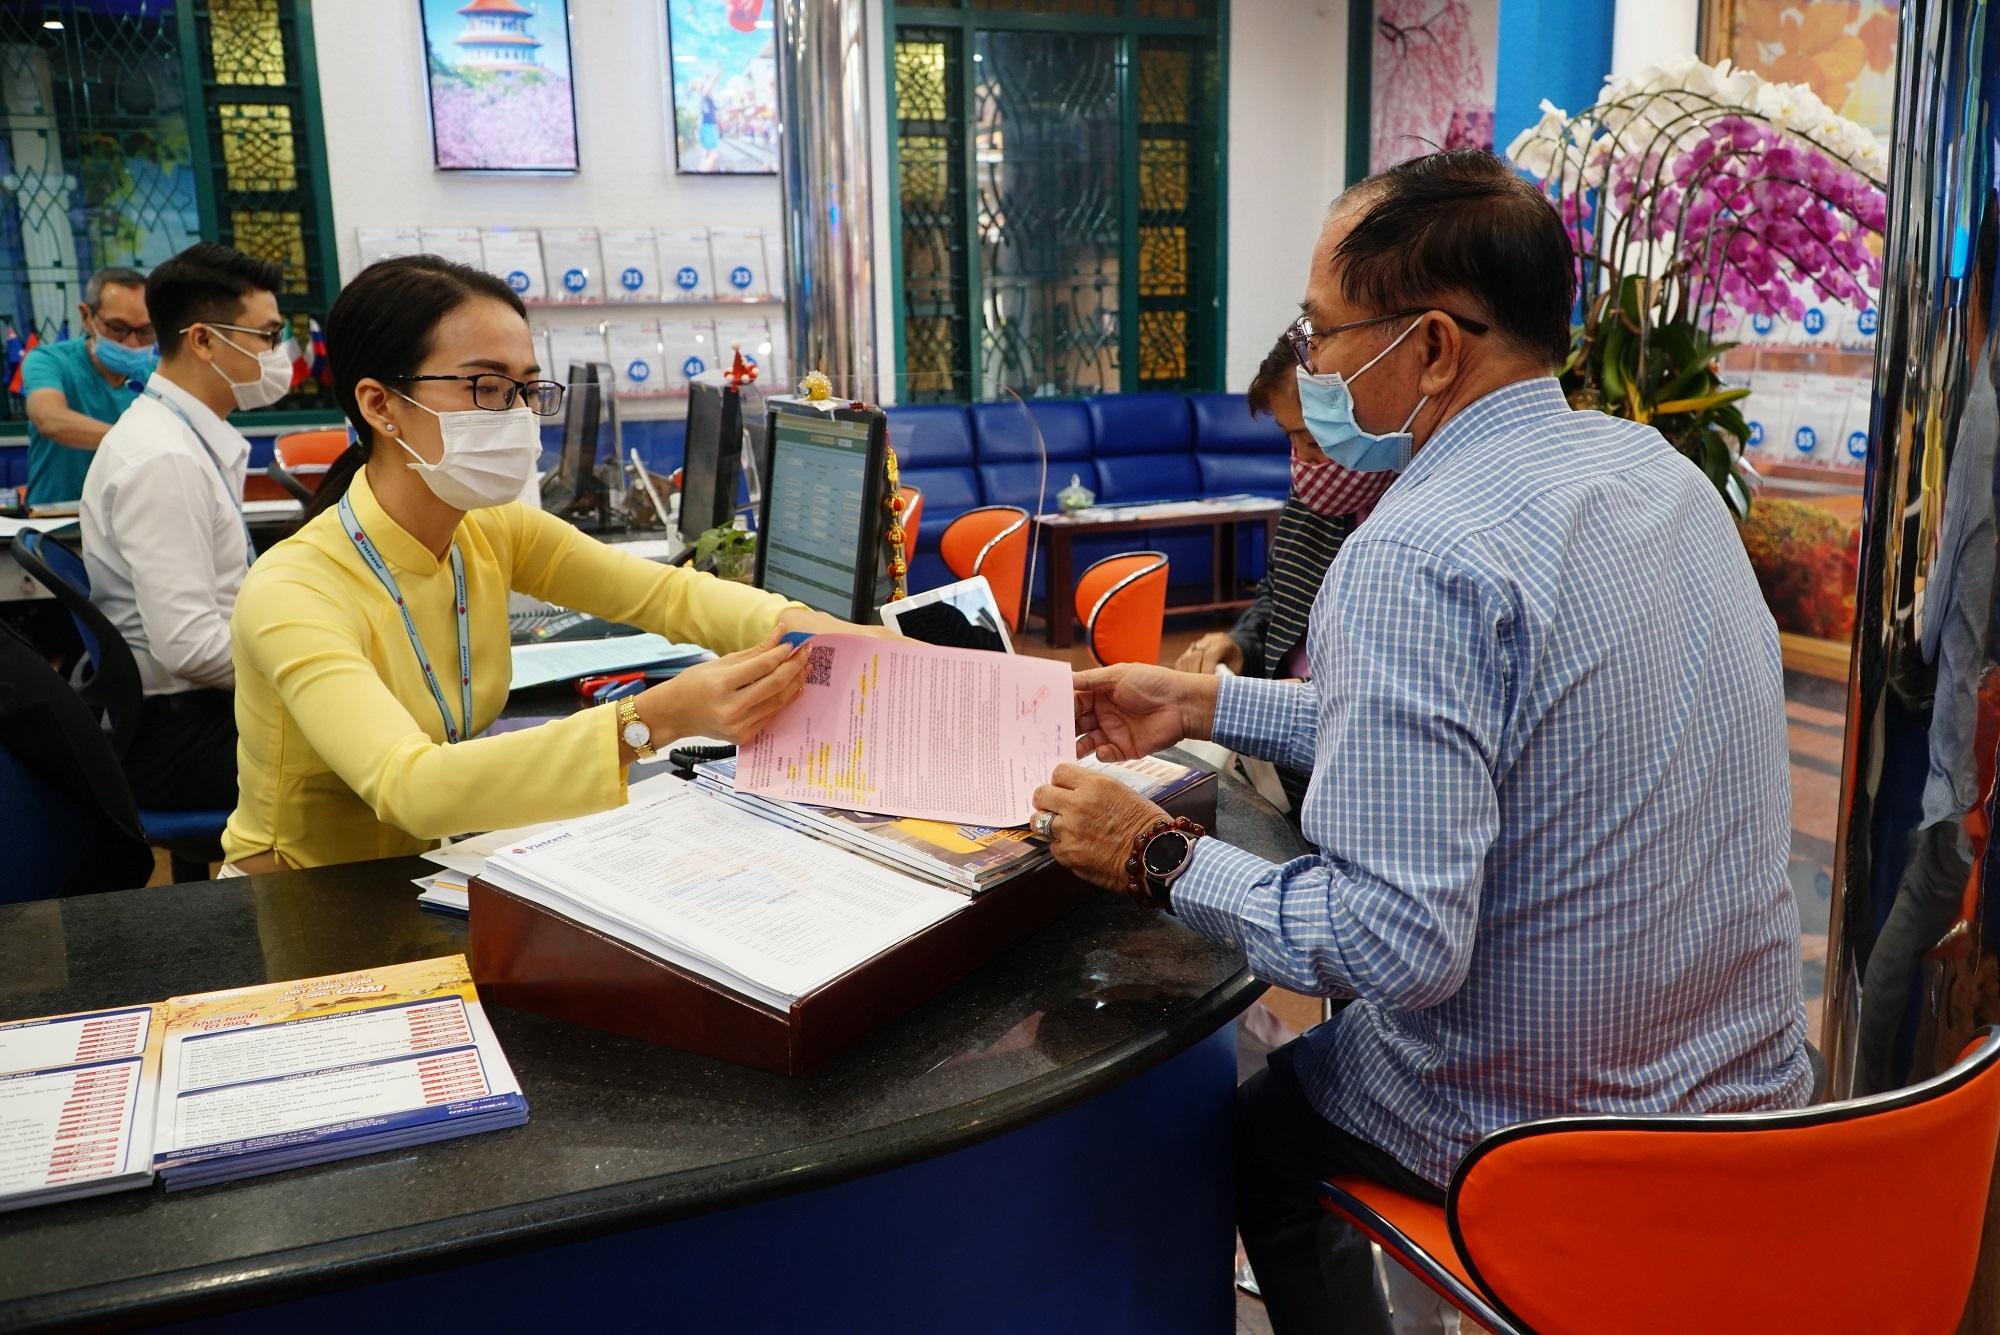 Du khách khi tới các trụ sở của công ty du lịch được yêu cầu sát khuẩn tay, đeo khẩu trang và đo thân nhiệt. Ảnh: Vietravel.